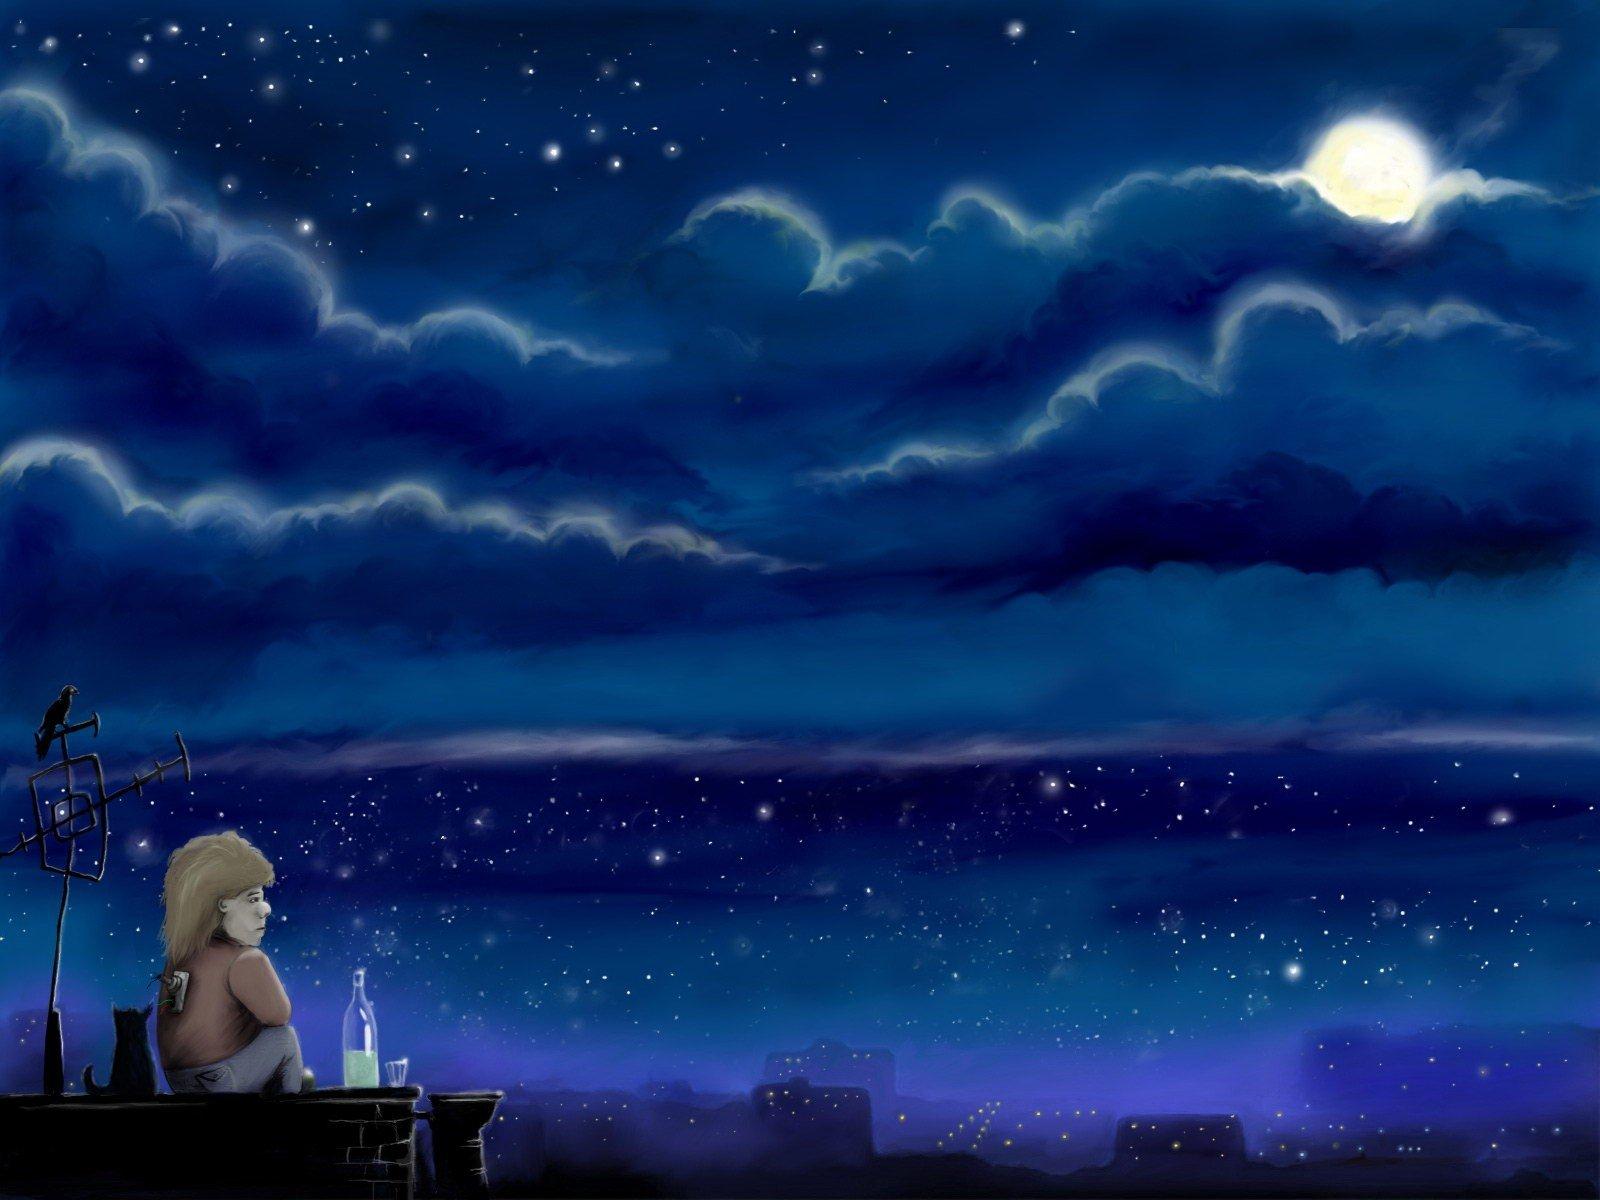 был рисует ночью картинки приходиться тратить драгоценное